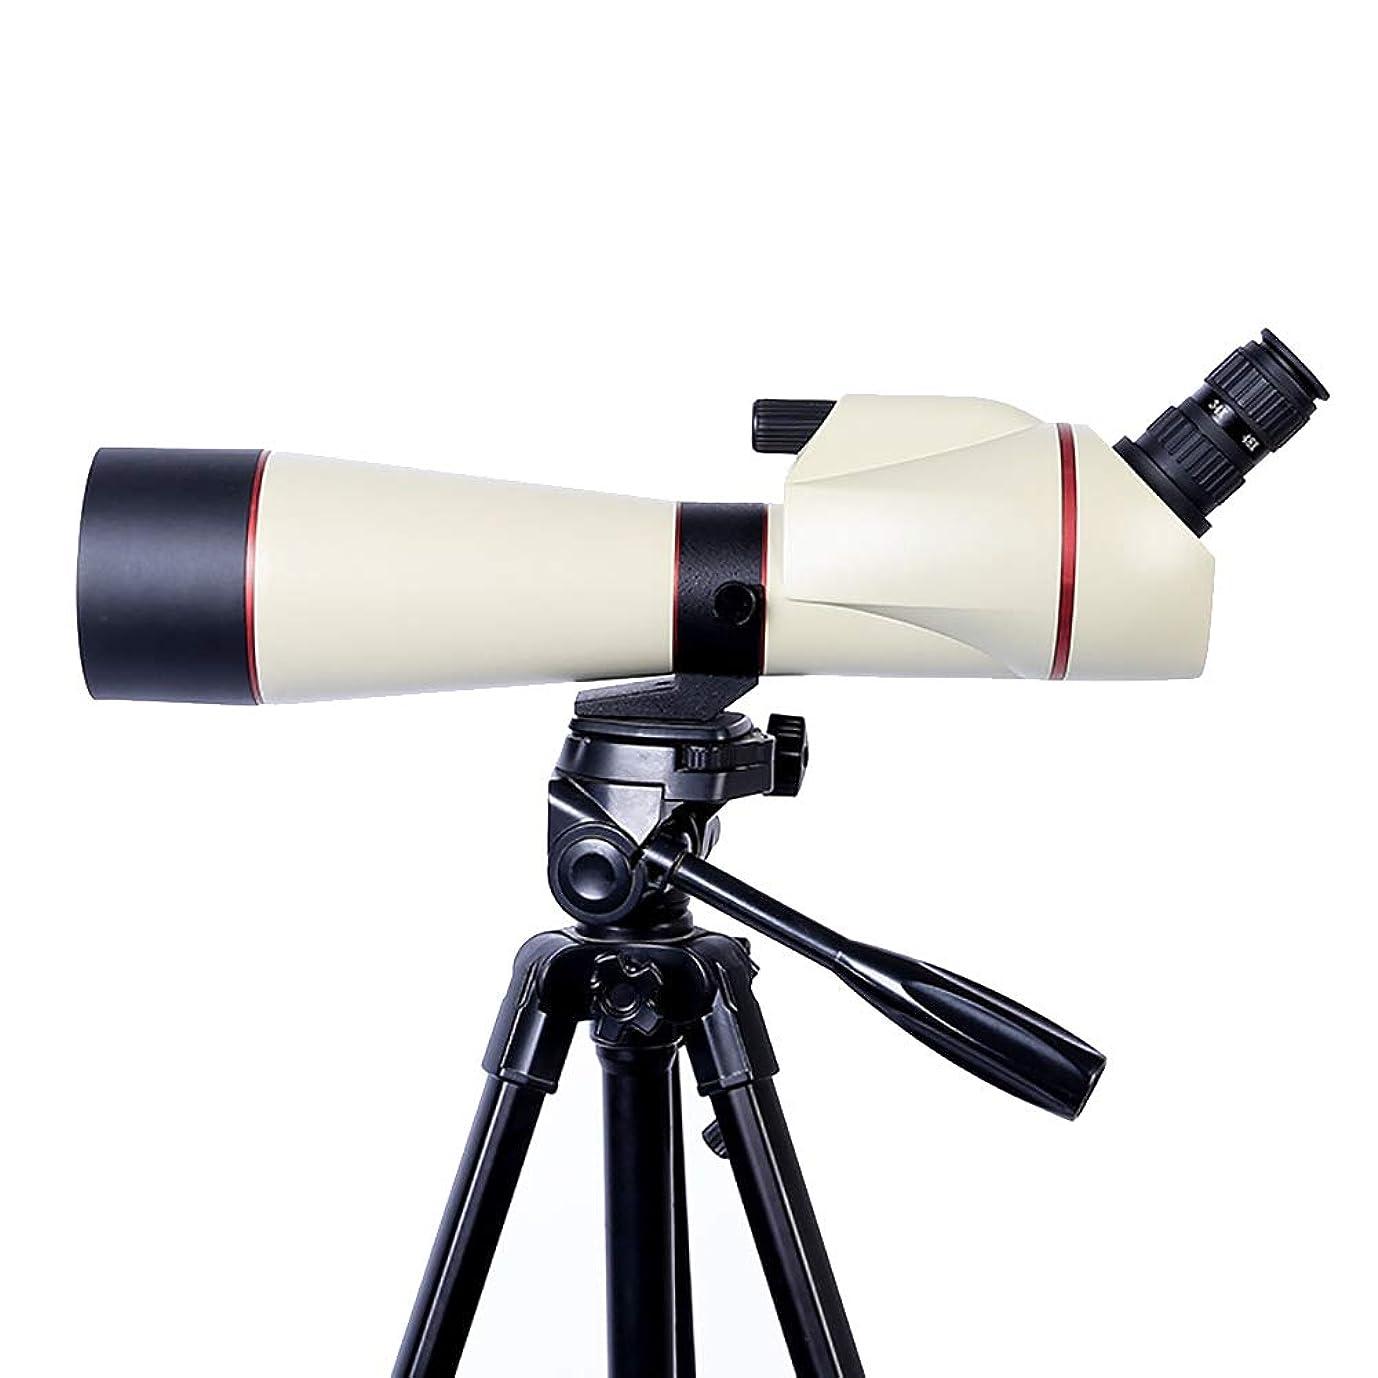 ジェスチャークロールアジア三脚 超軽量三脚を使用した子供/天文学初心者向けの教育用天体望遠鏡 明瞭さ, white